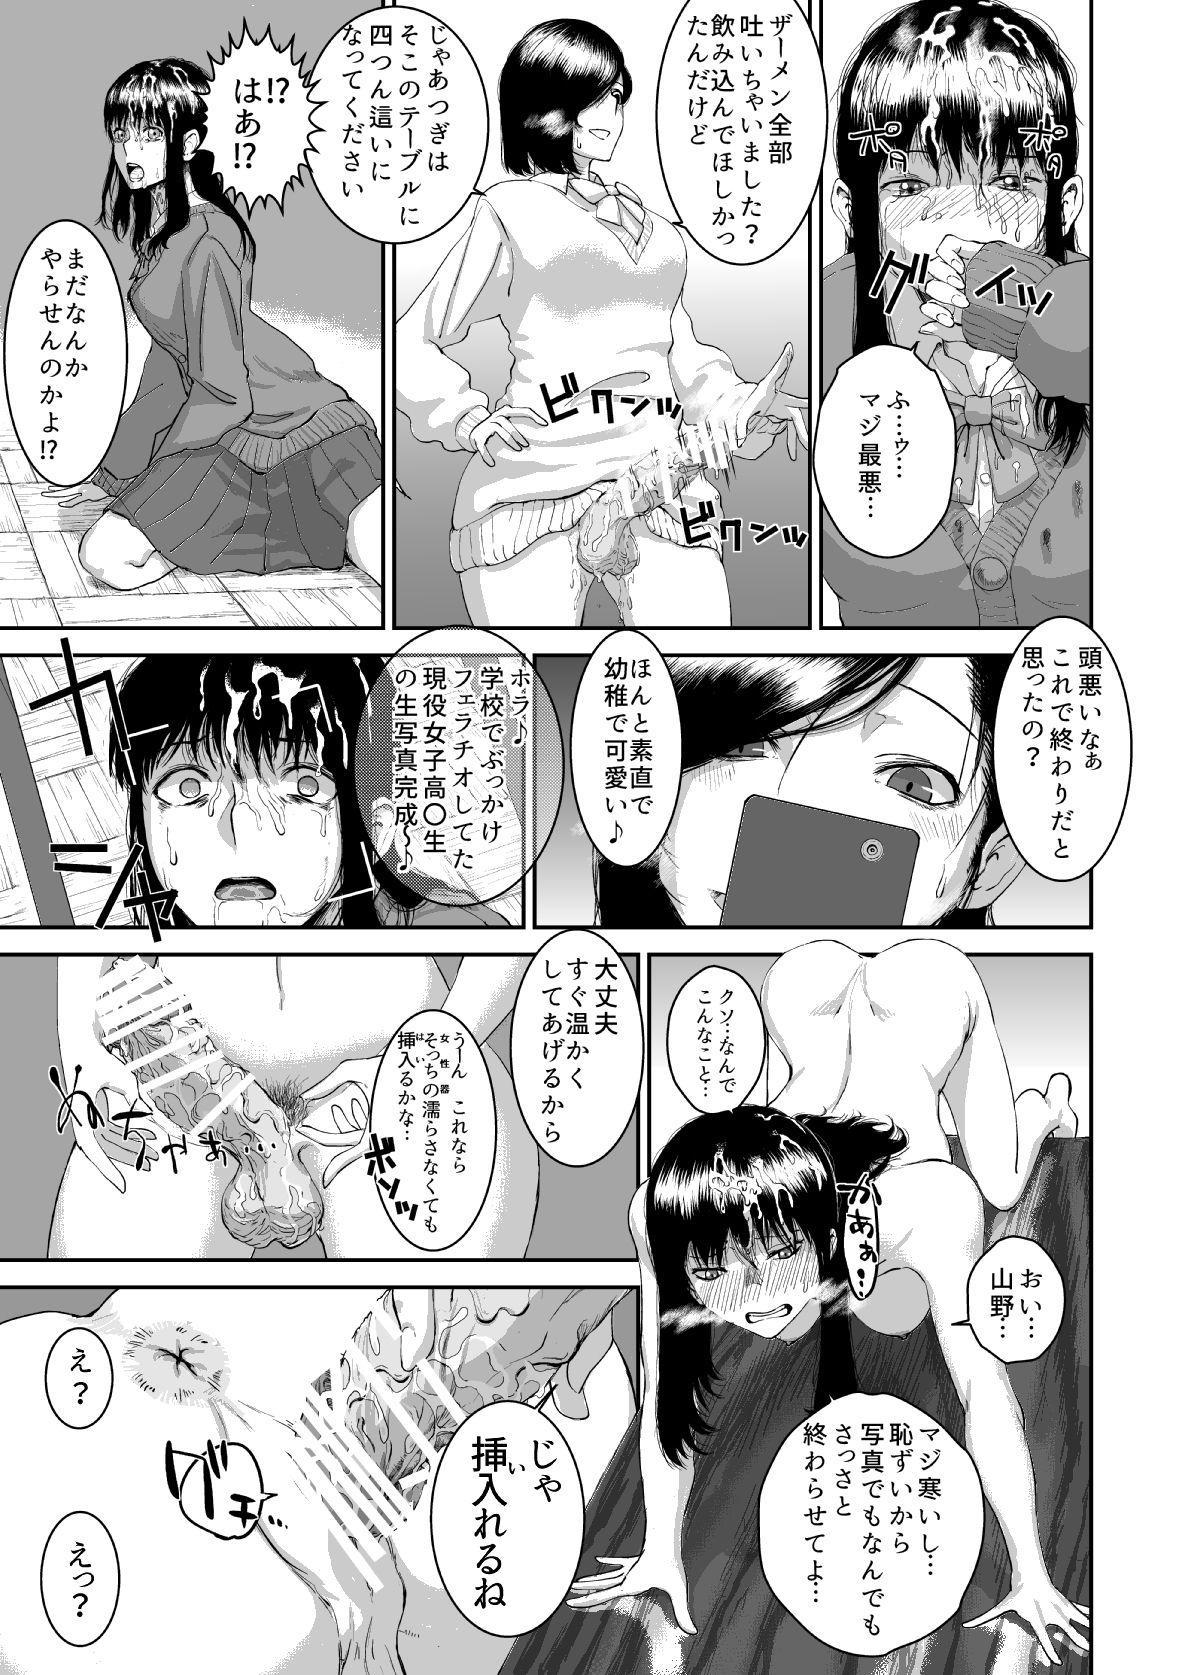 Tadashii Inu no Shitsuke ke Kata 8